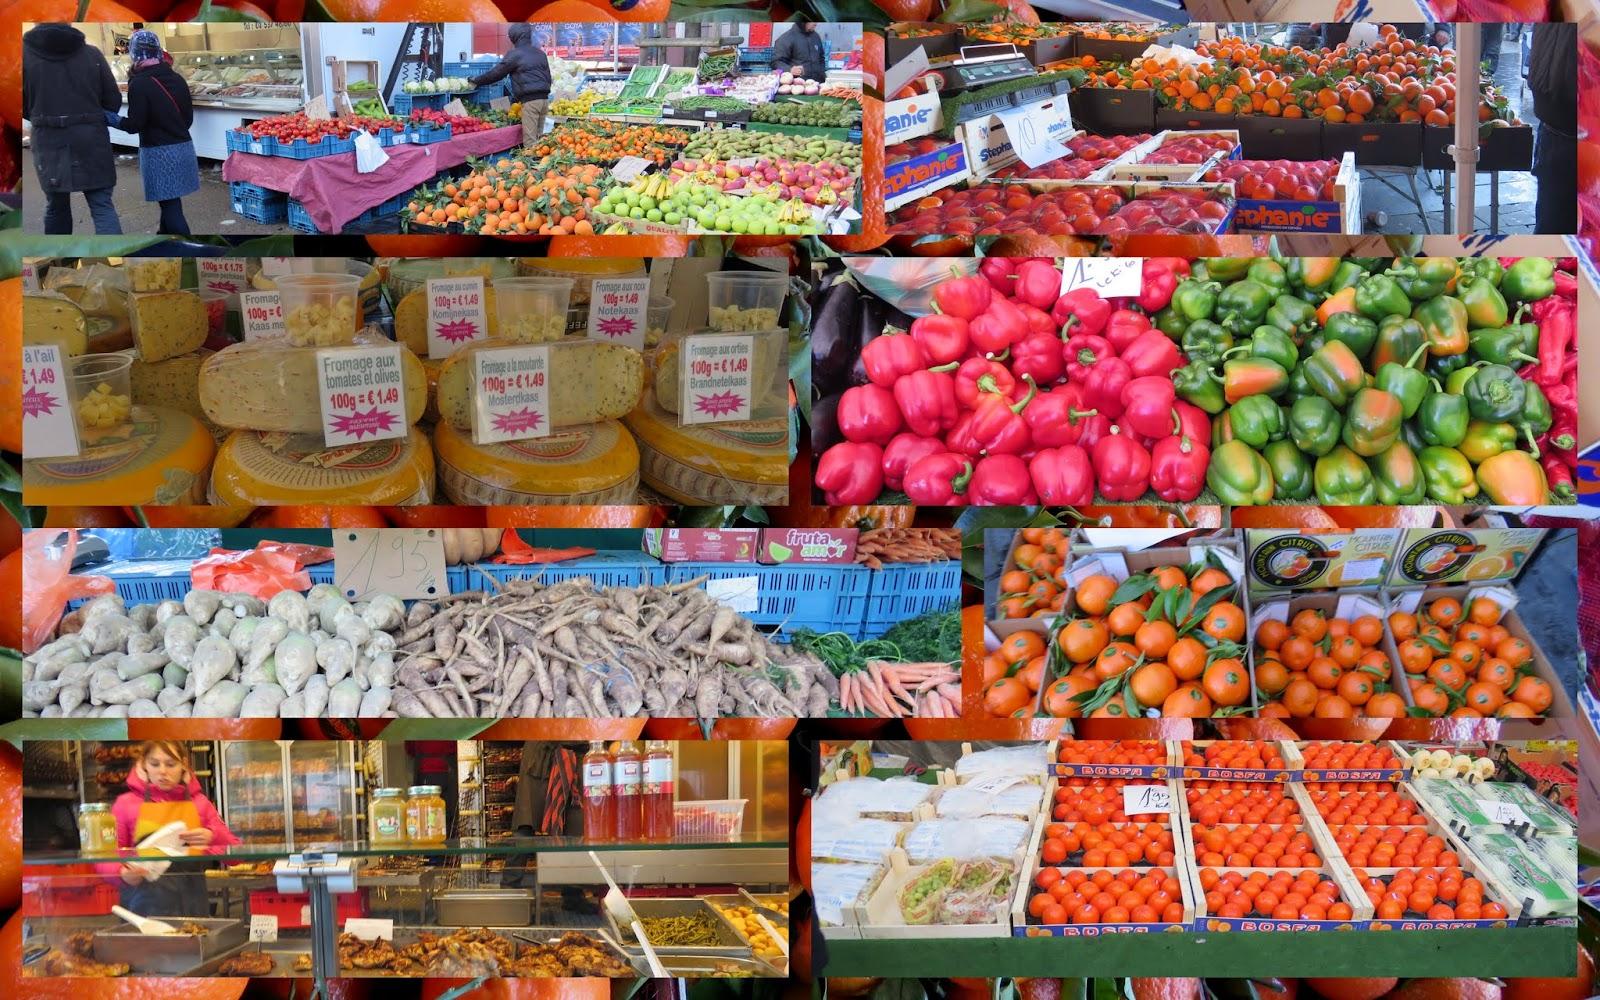 Brussels Midi Farmers Market